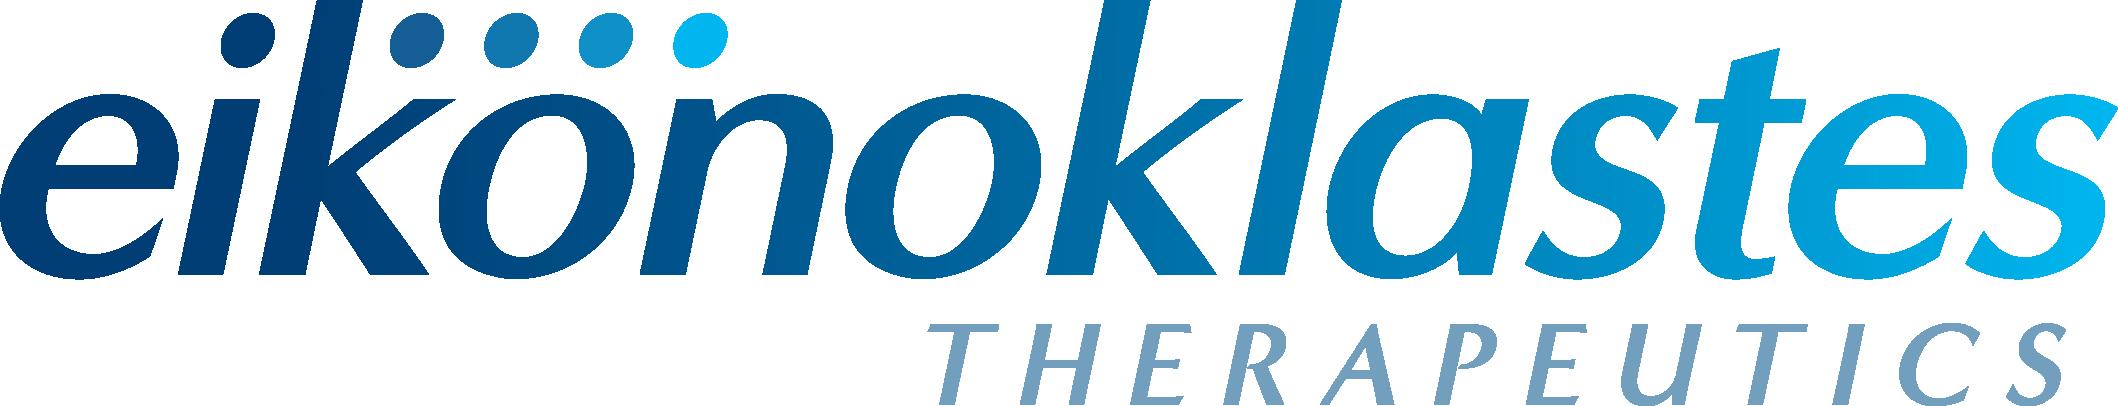 Eikonoklastes Therapeutics Logo